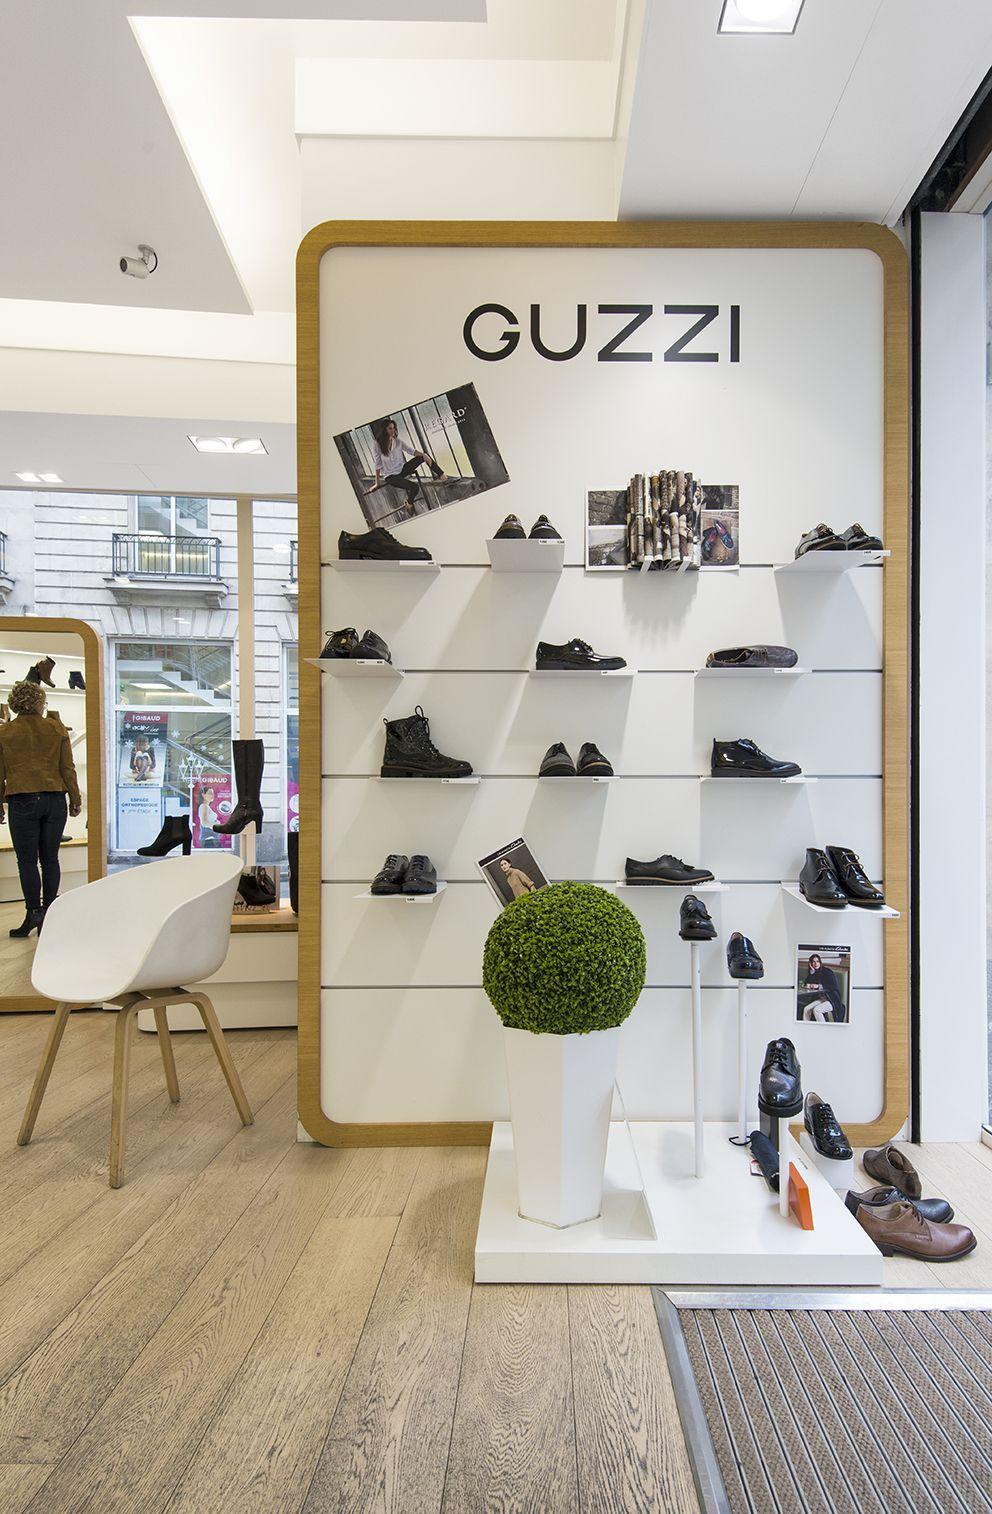 Voici L Agencement Du Magasin De Chaussures Guzzi De Nantes Centre Ville Rue D Orleans Nouveautes Prix Interes Shoe Store Design Store Design Retail Design